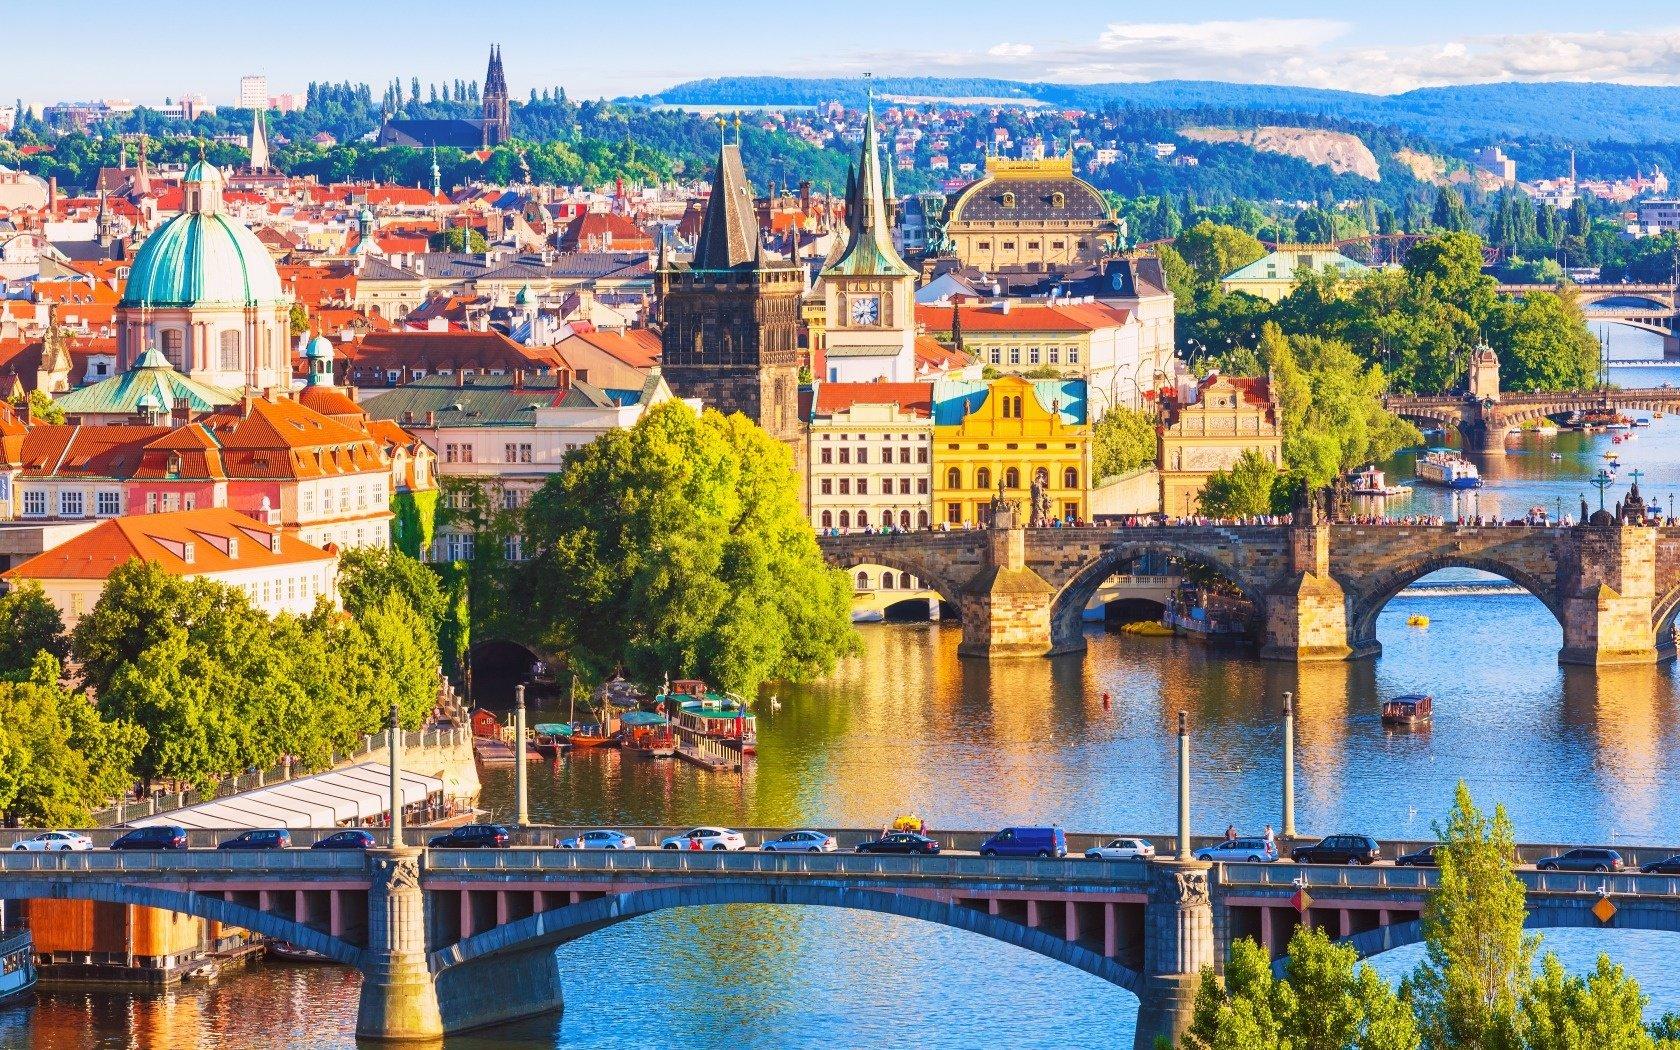 Чехия: путешествие в средневековье